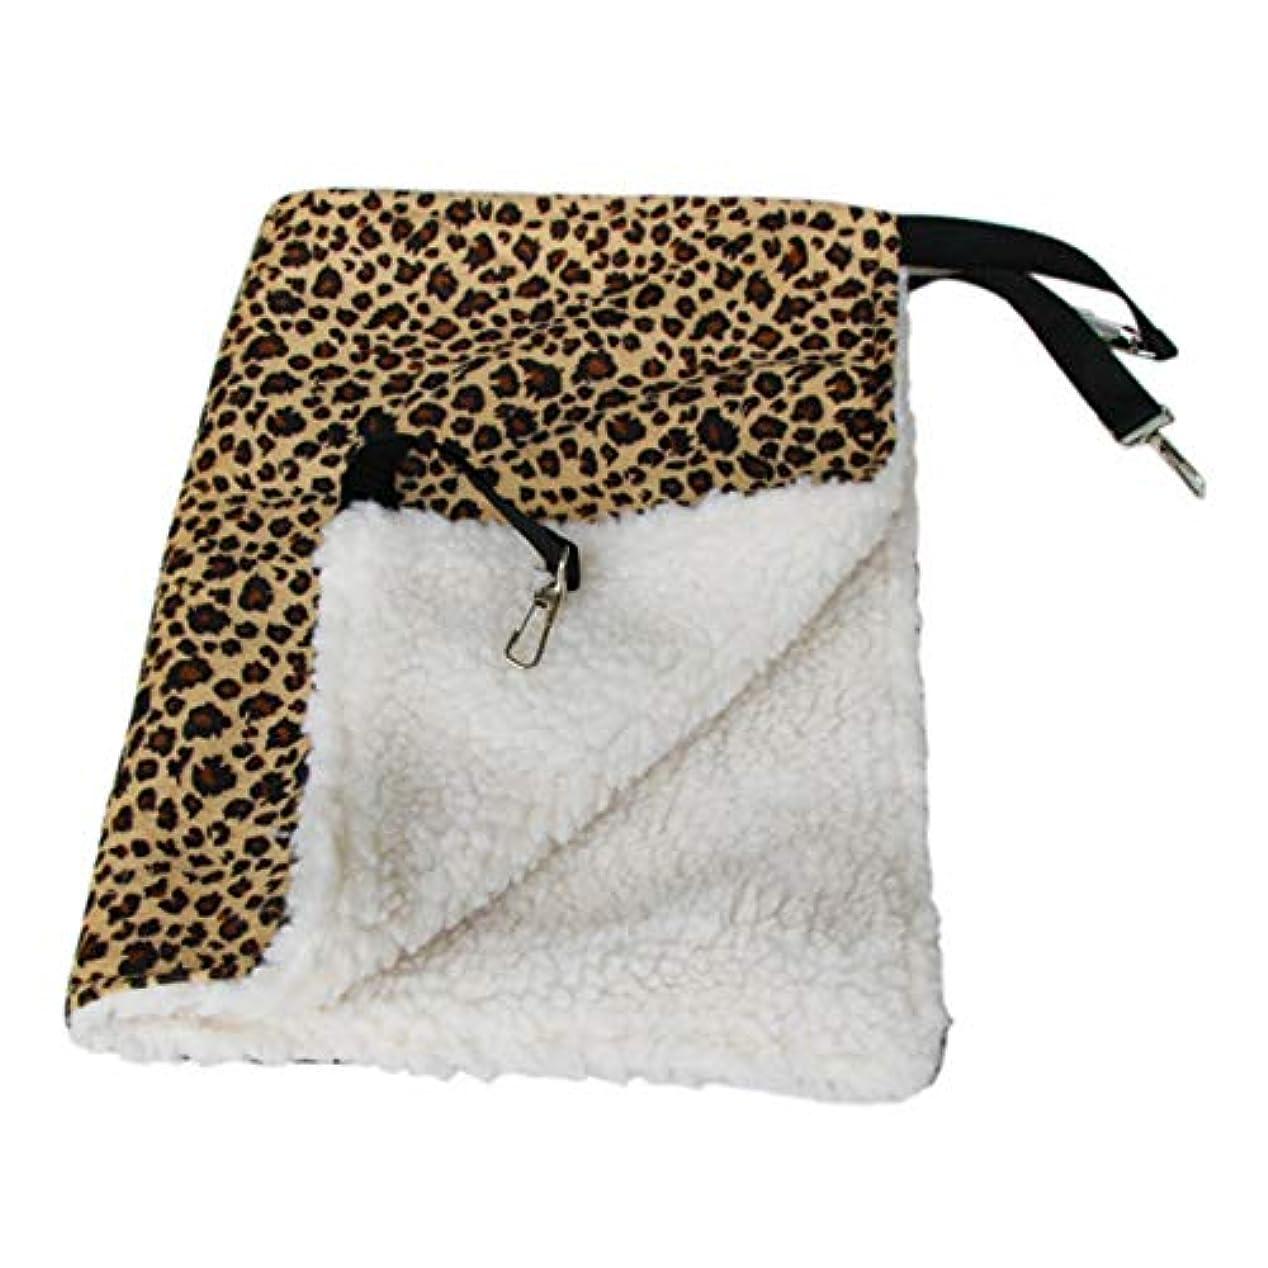 パスポートレコーダー失望Saikogoods 暖かいハンギング猫ベッドマットソフトキャットハンモック冬ハンモックペット子猫ケージベッドカバークッションエアベッドペット 黄 L